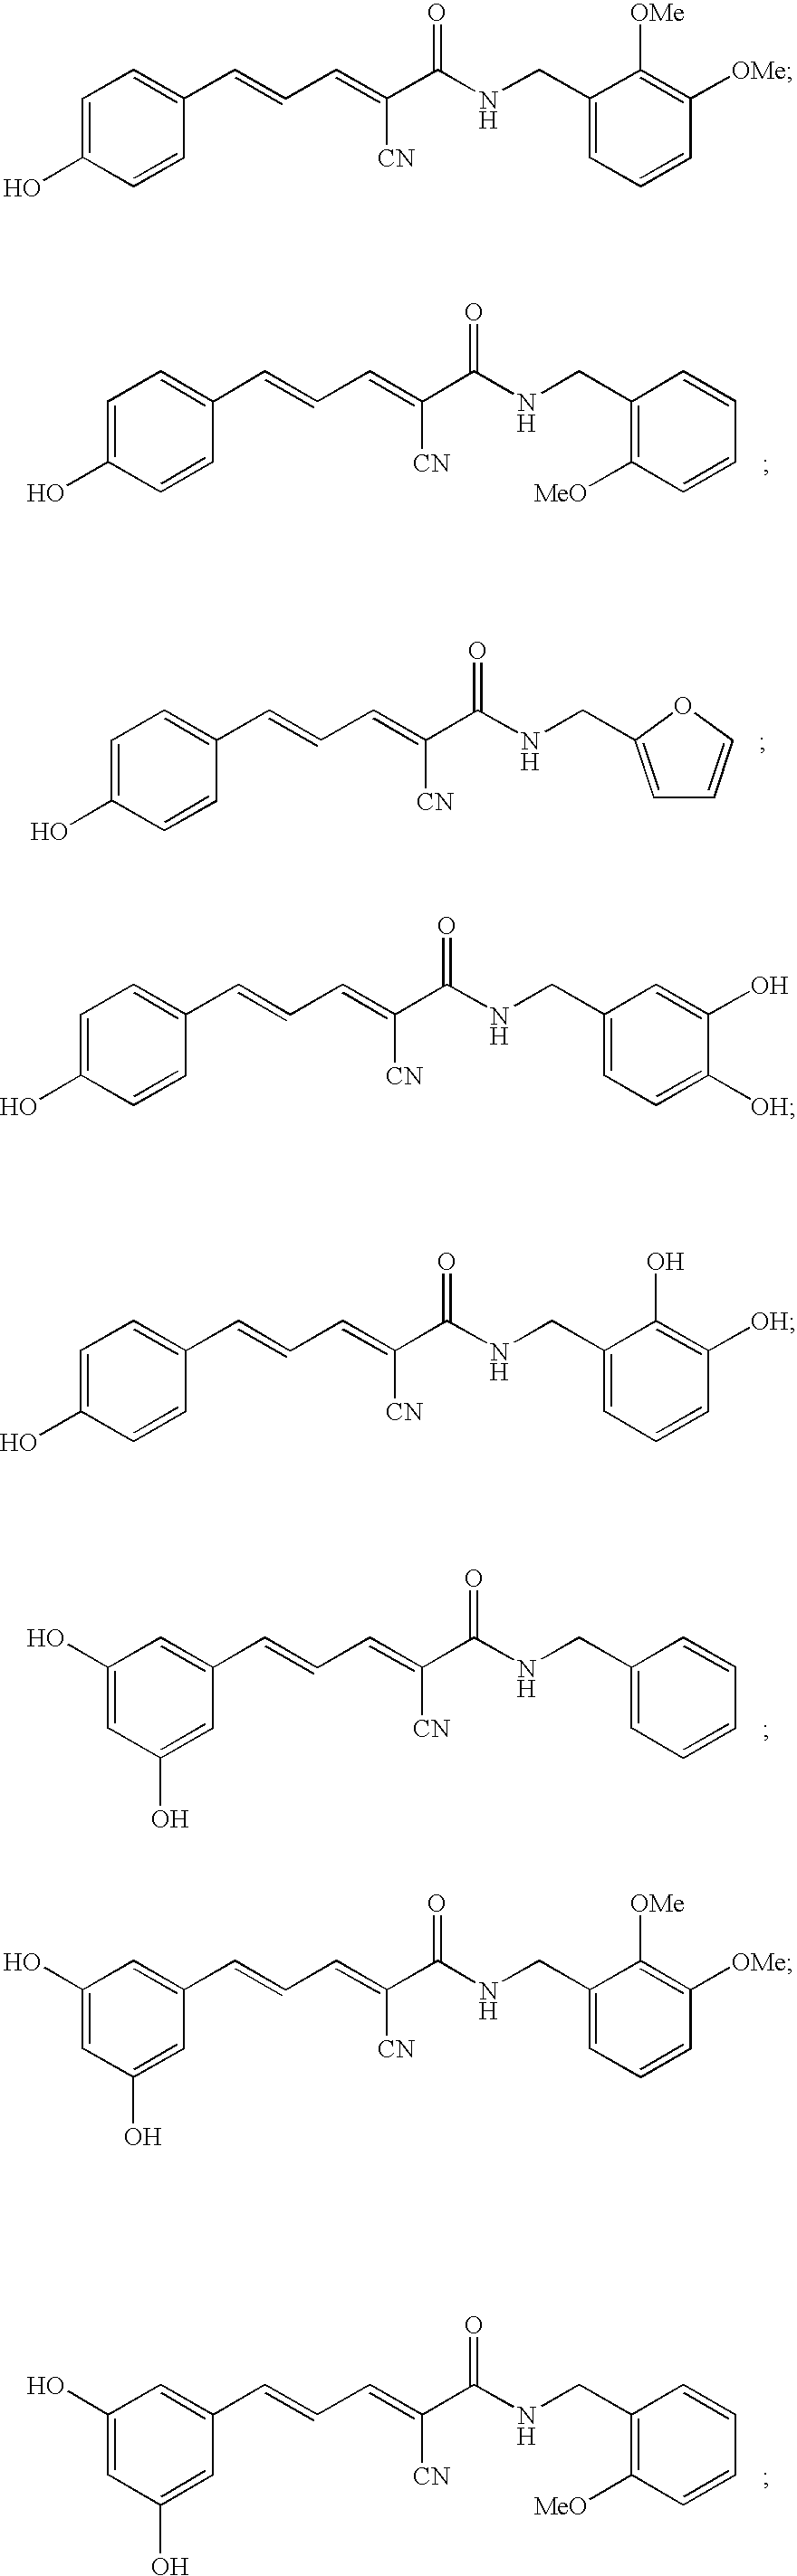 Figure US20050033090A1-20050210-C00021